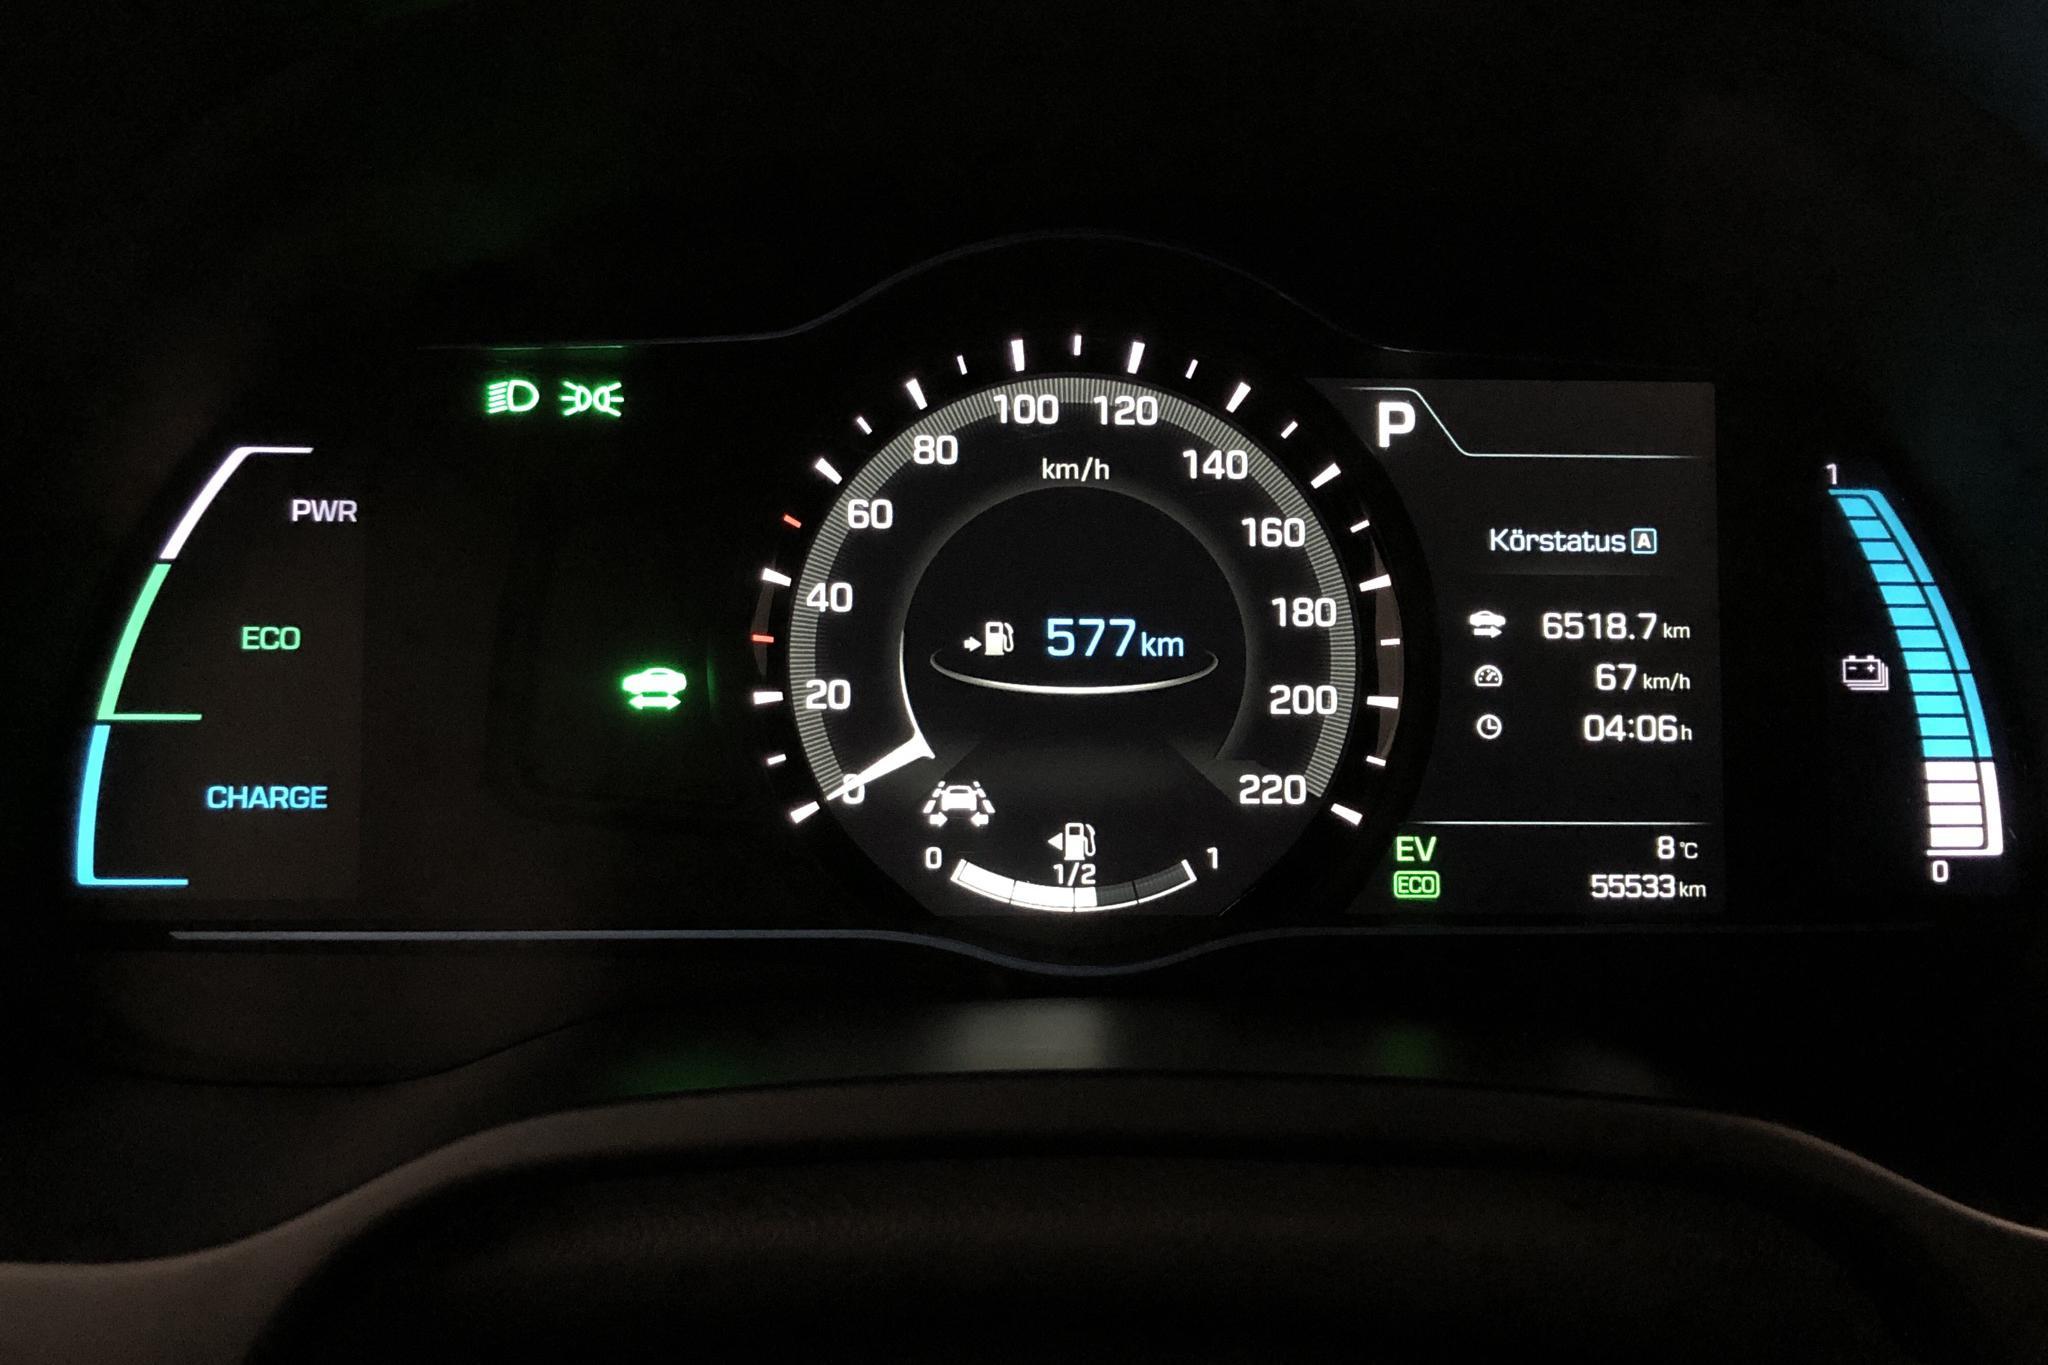 Hyundai IONIQ Plug-in (141hk) - 55 530 km - Automatic - silver - 2017